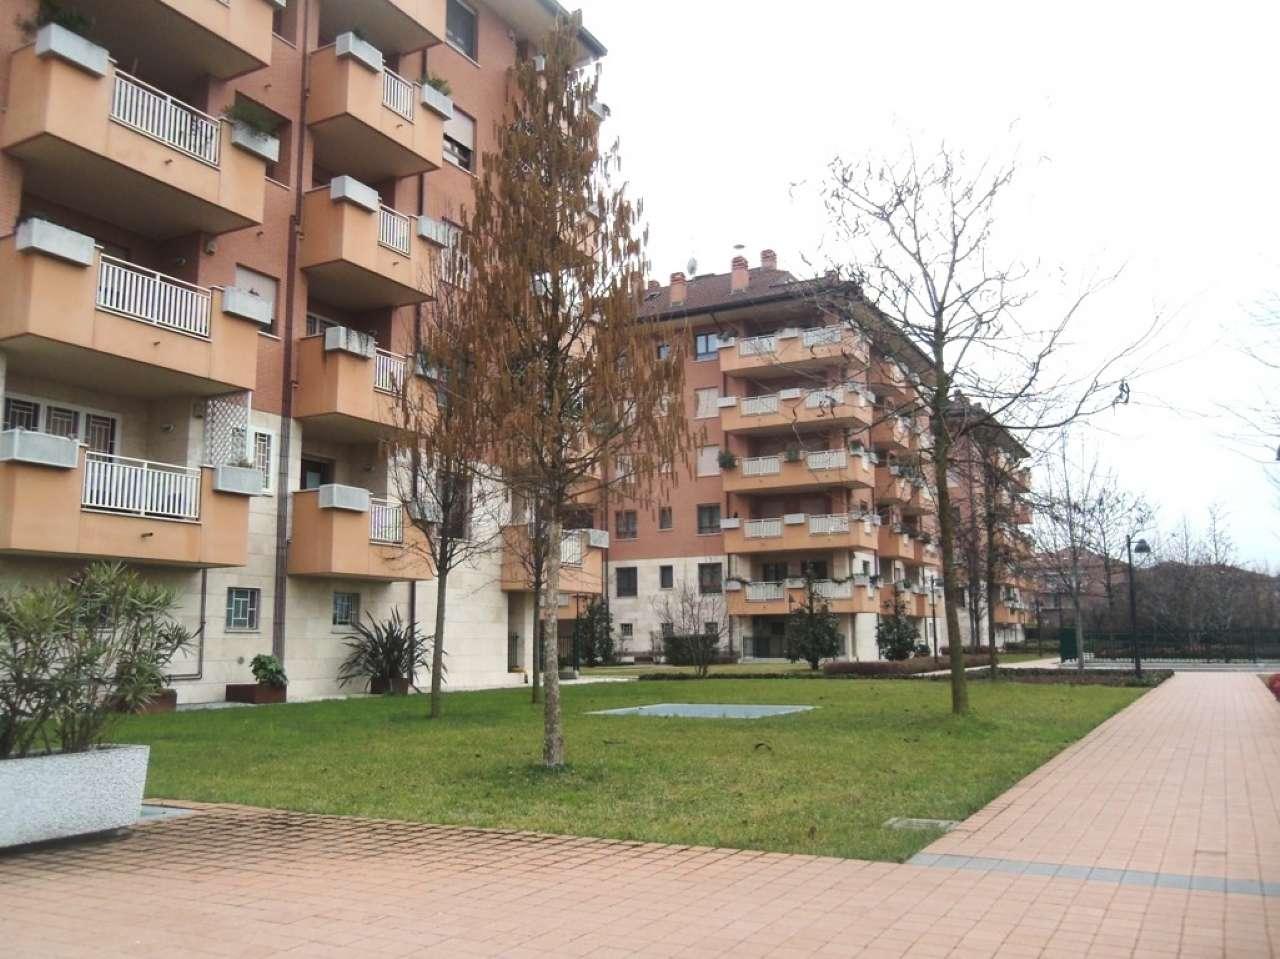 Appartamento in vendita a Settimo Milanese, 3 locali, prezzo € 205.000 | CambioCasa.it